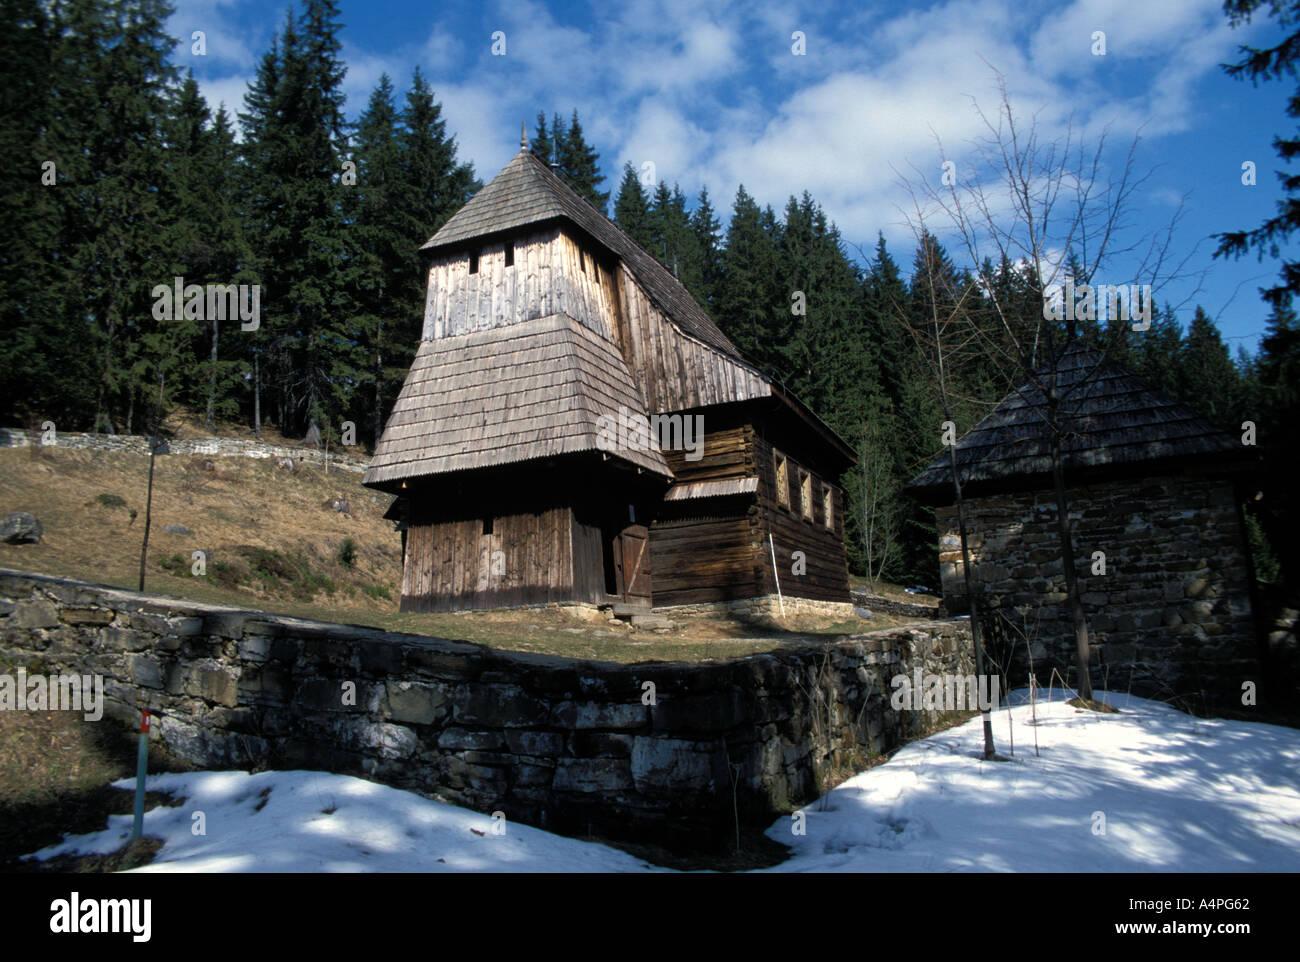 L'extérieur de l'église orthodoxe ruthène en bois dans le village de Jezioro Zilina Slovaquie Région Europe Banque D'Images